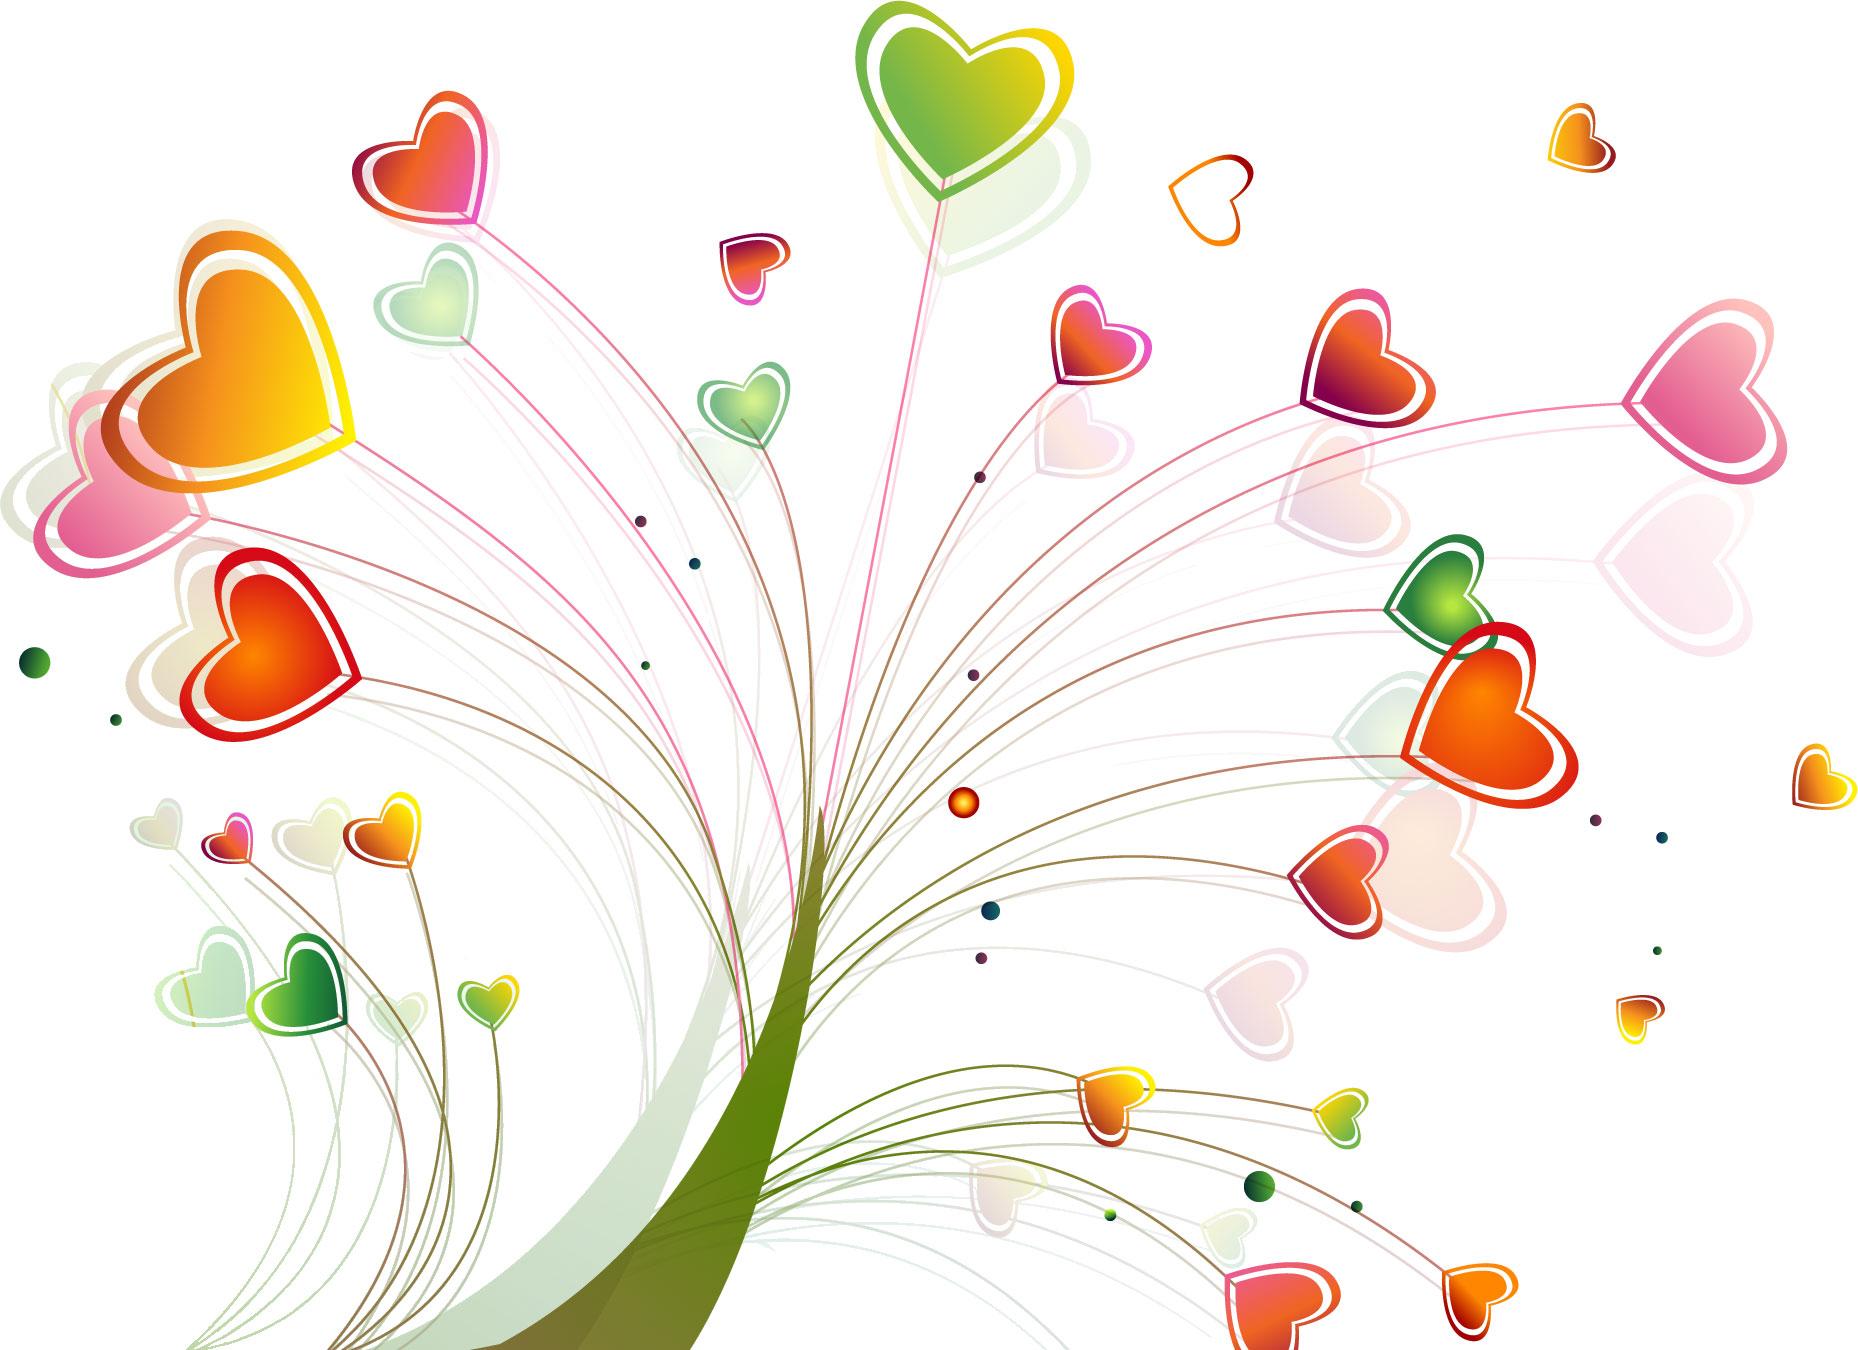 ポップでかわいい花のイラスト・フリー素材/no.128『ハートの木